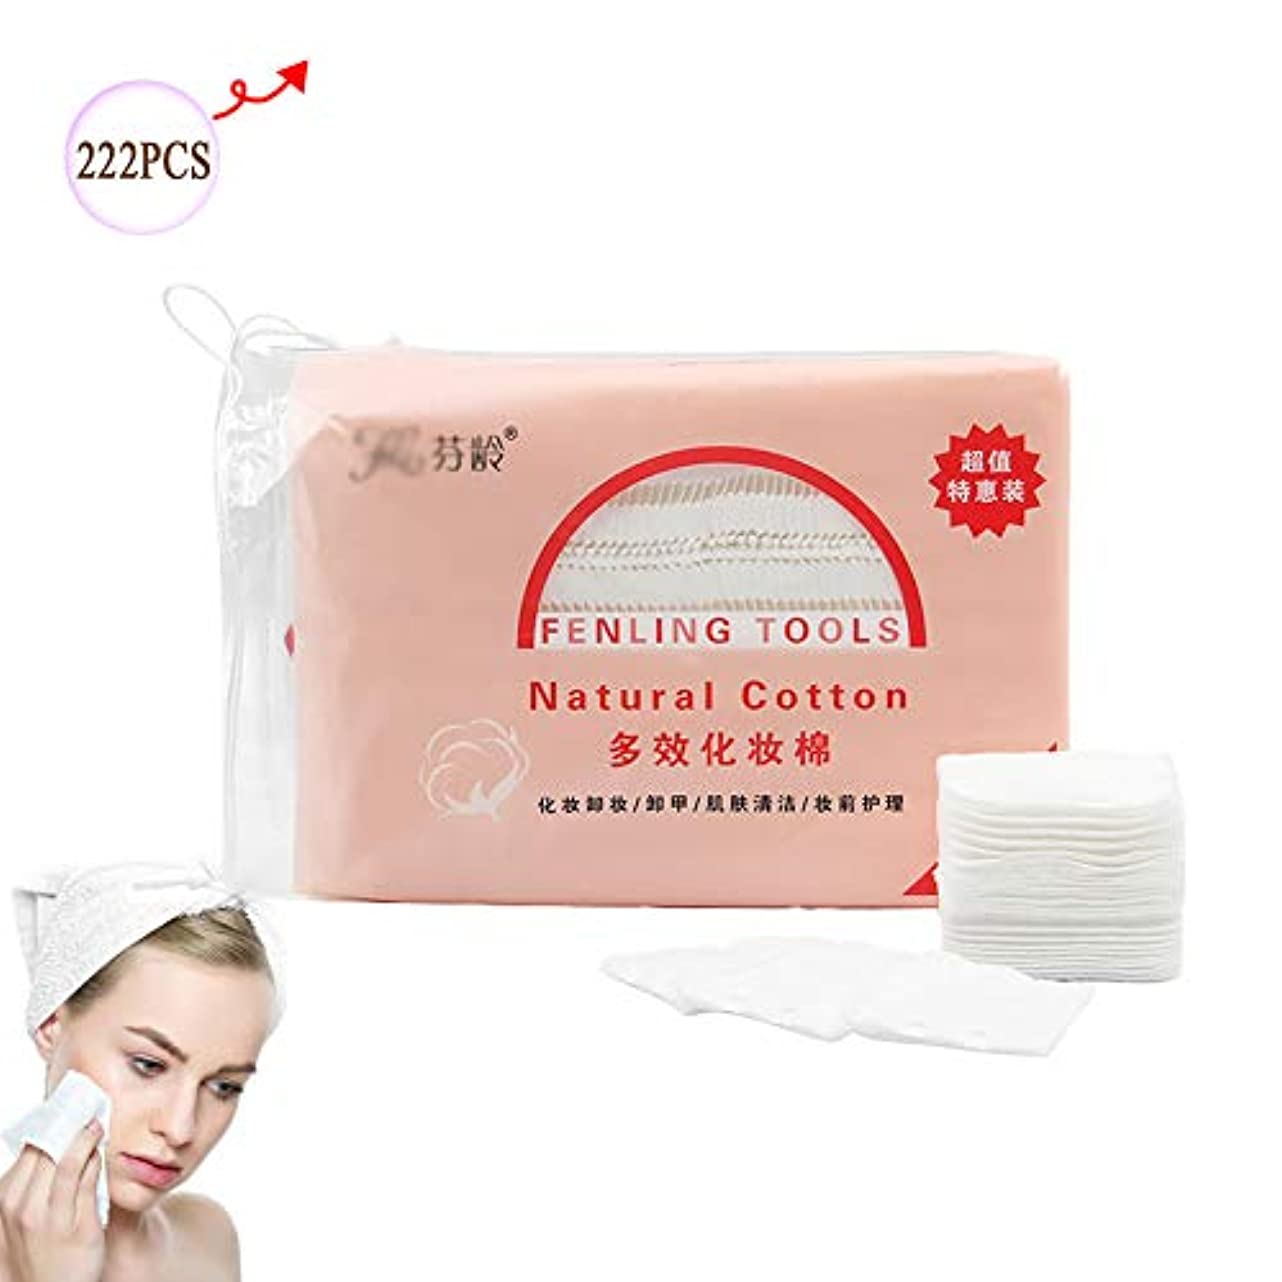 介入する怠惰世論調査メイク落としパッド、顔用洗顔料コットンパッド洗顔用女性と男性(222PCS)